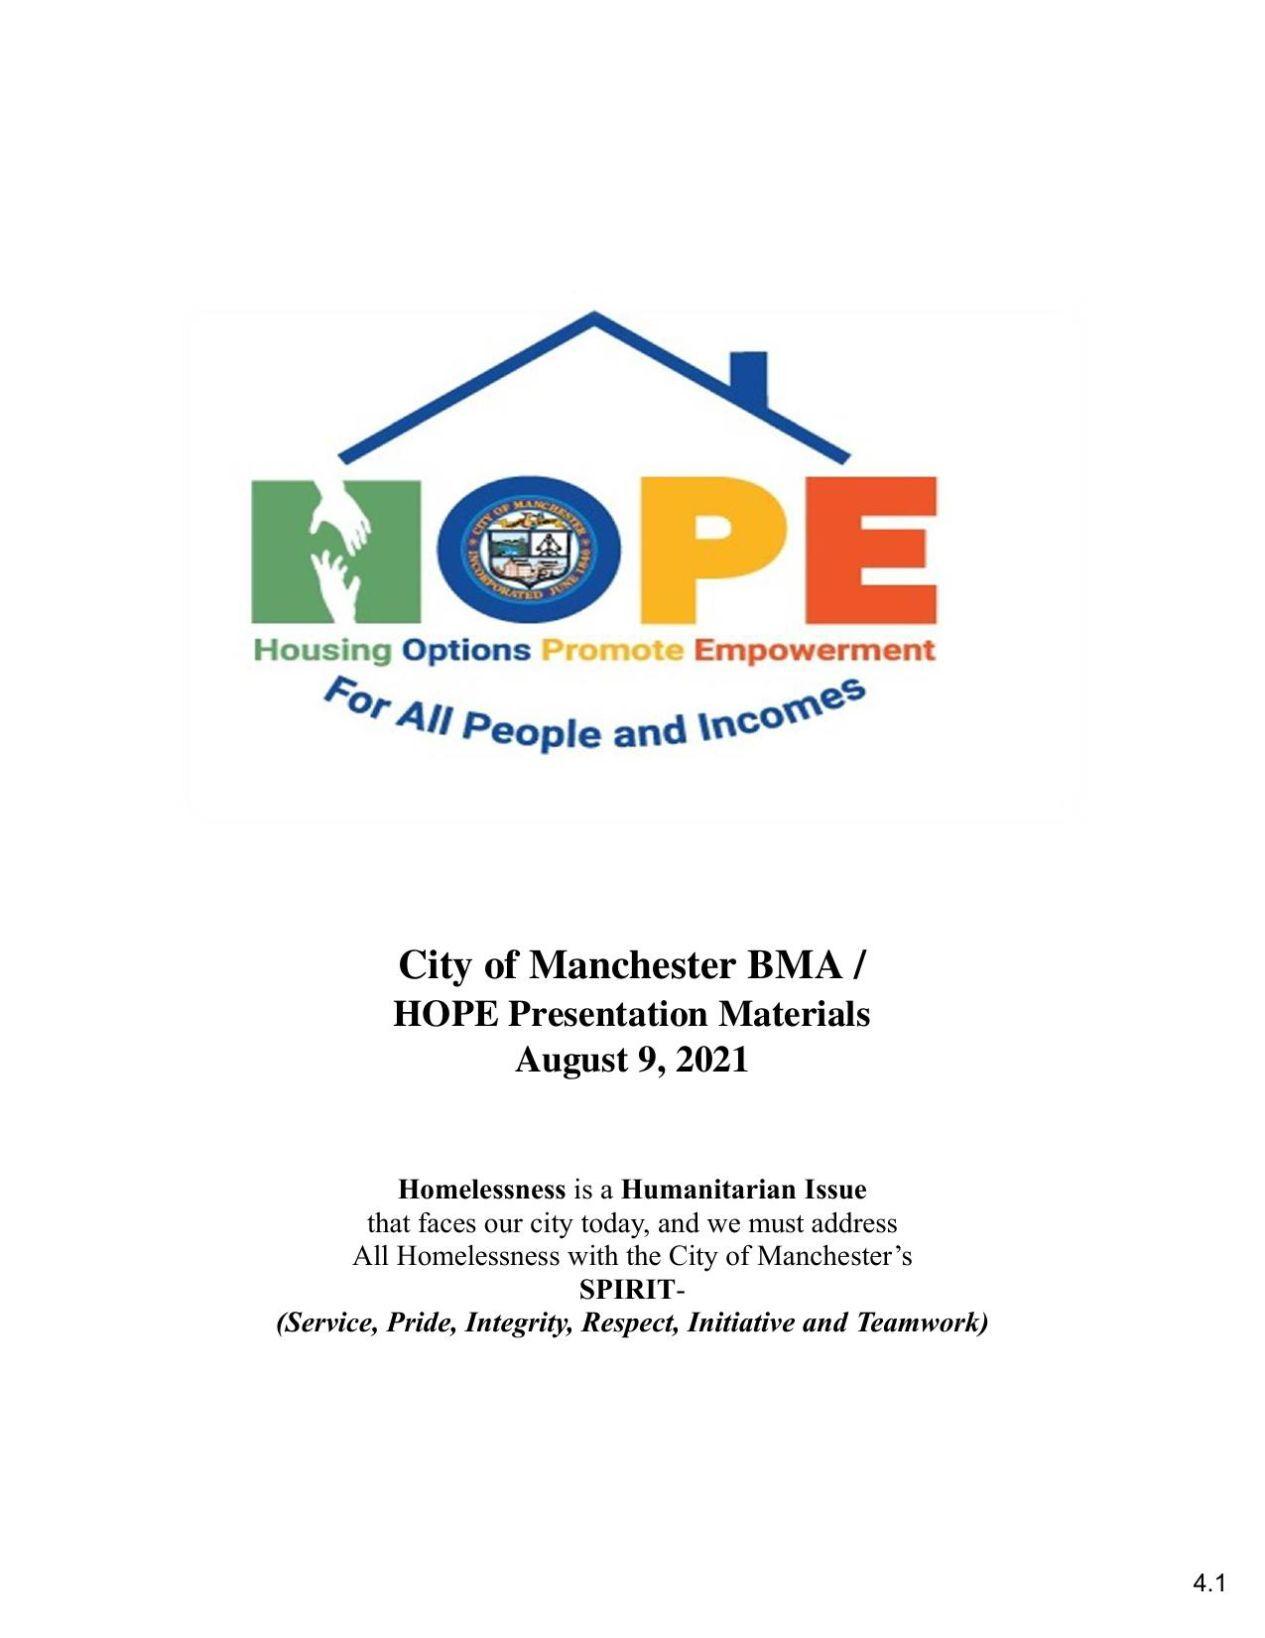 HOPE homeless plan